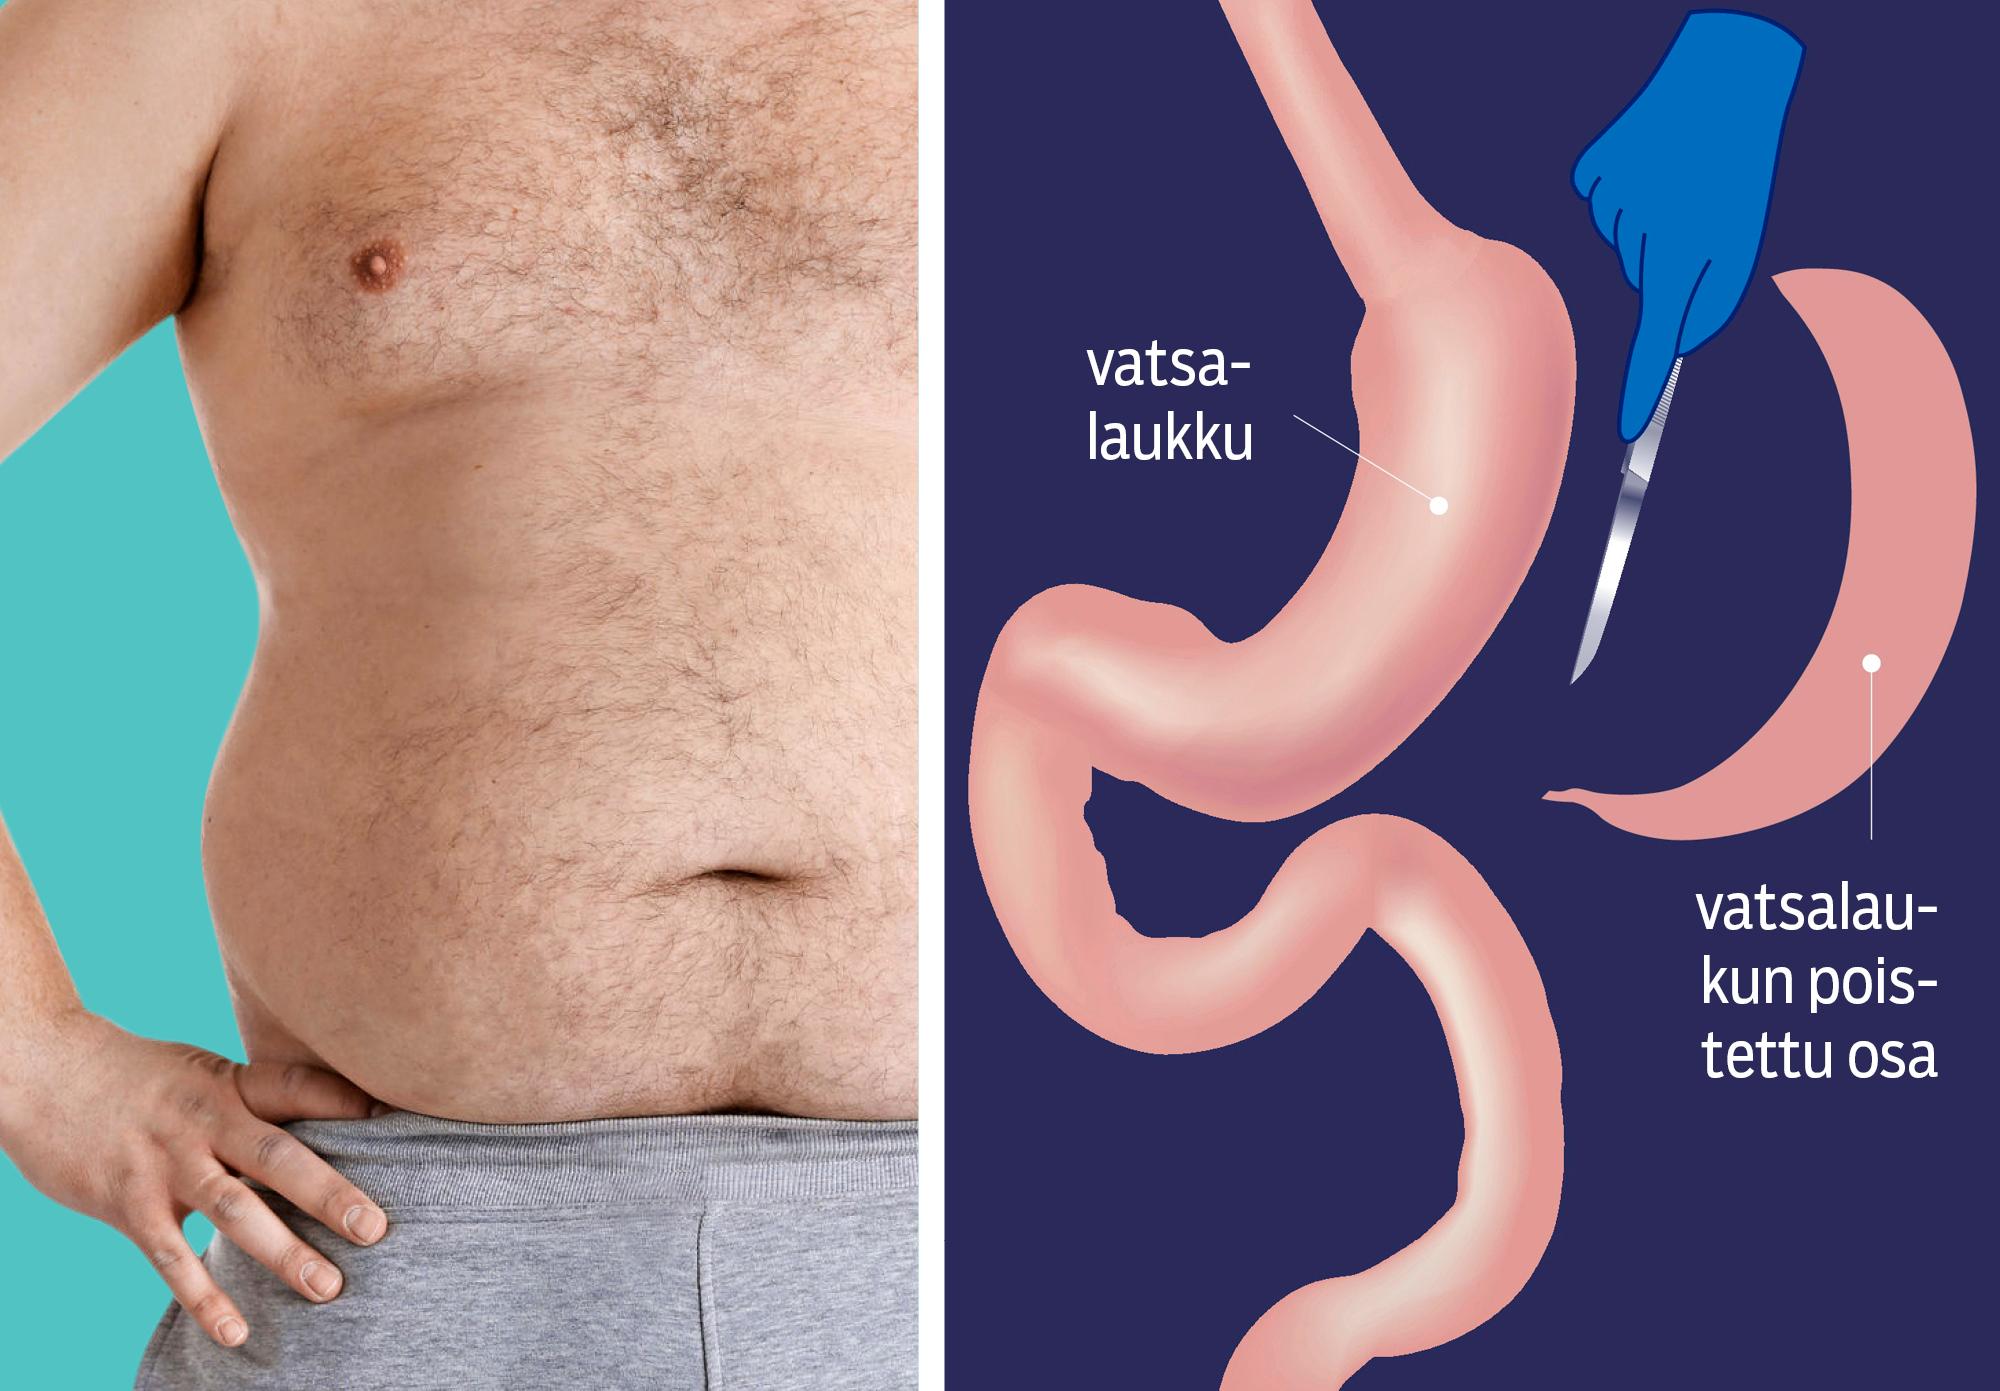 Lihavuusleikkauksessa mahalaukkua pienennetään. Leikkauksen jälkeen sinne ei mahdu ruokaa yhtä paljon kuin aiemmin.